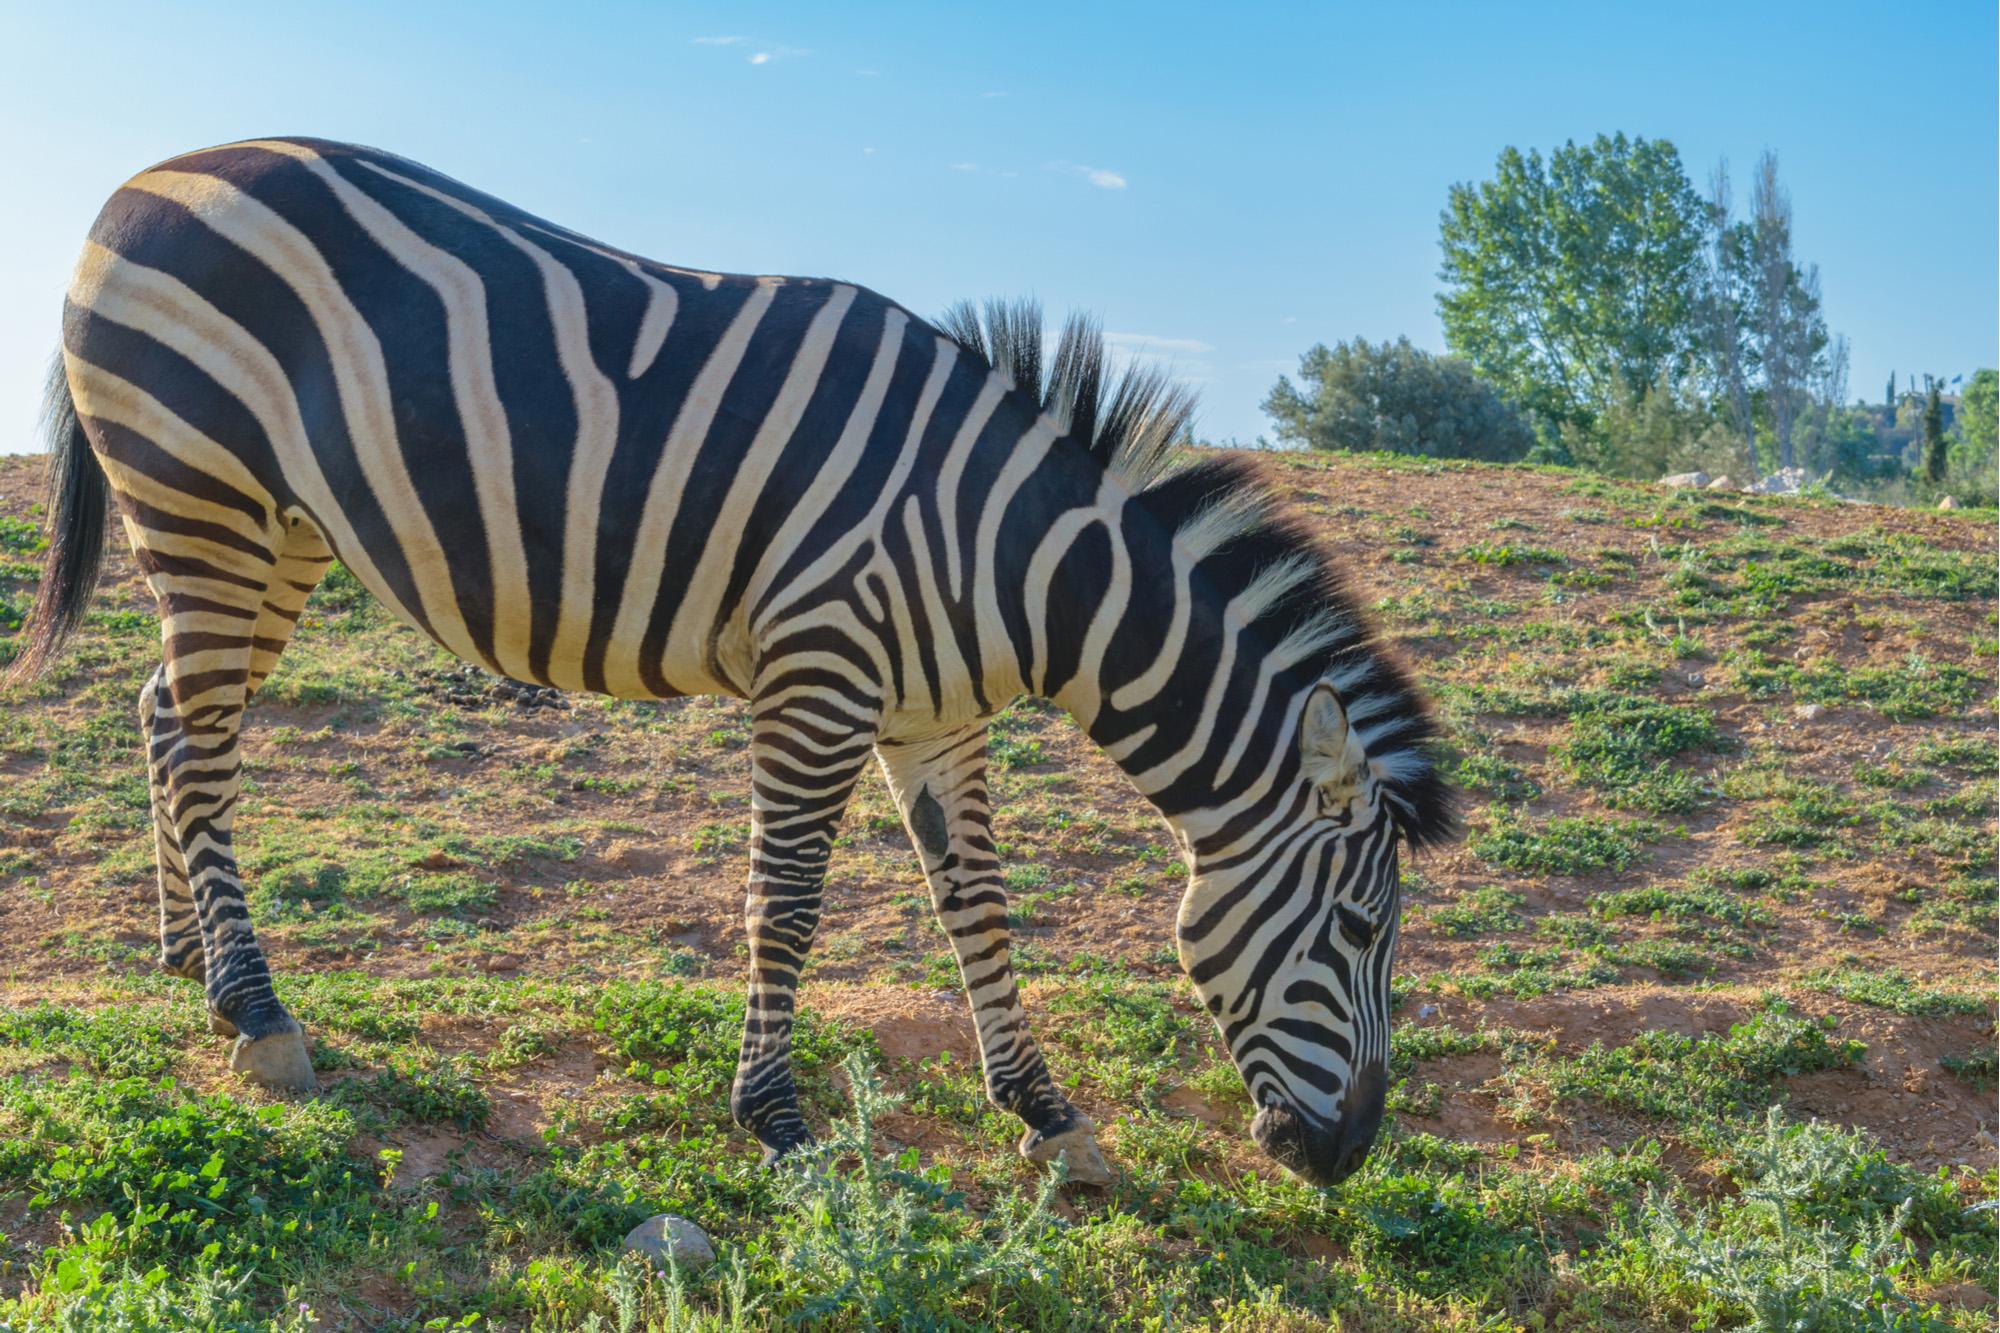 Zebra-72 ppi